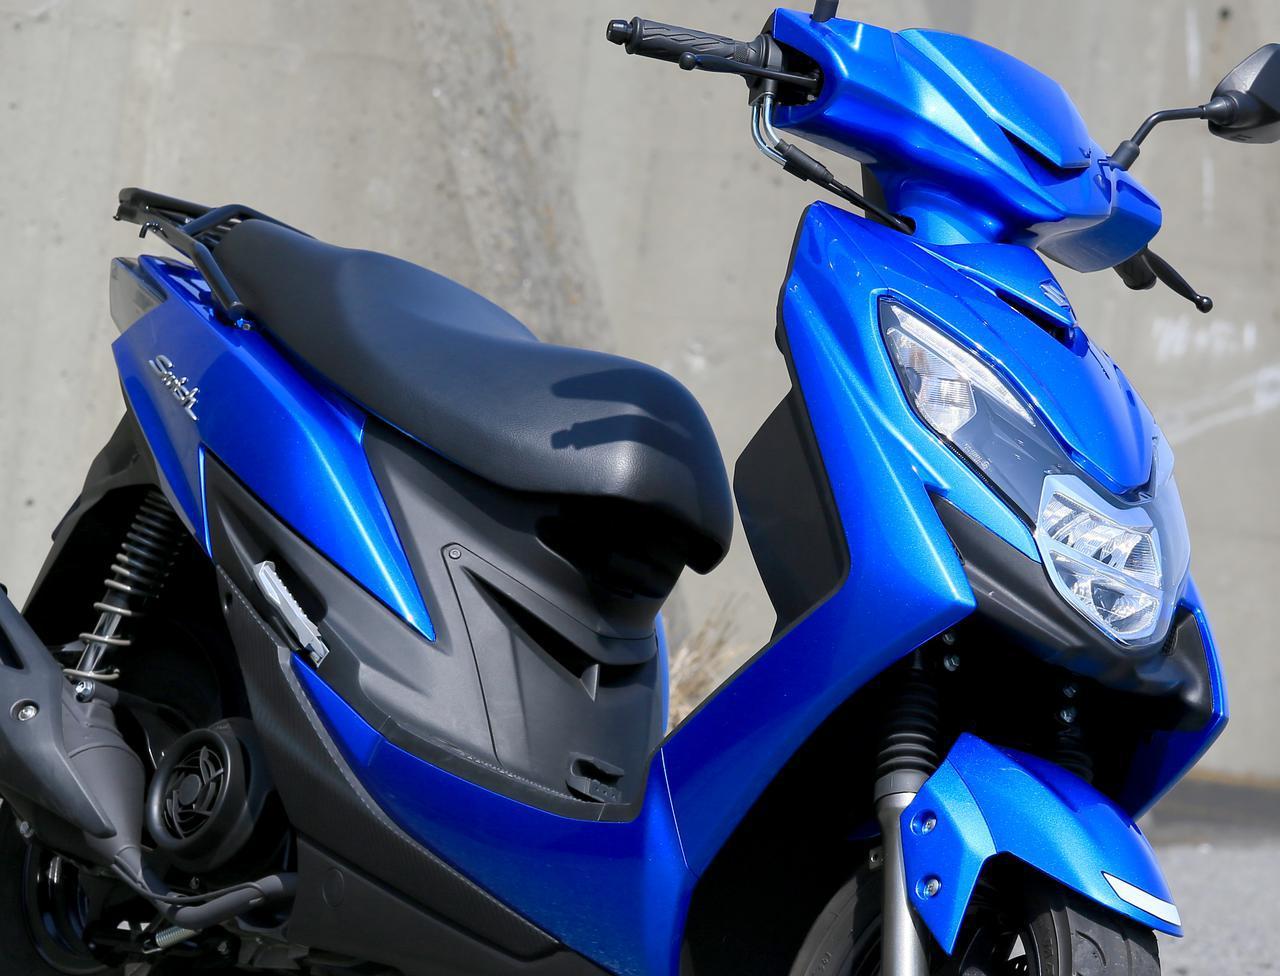 画像: スズキ「スウィッシュ」インプレ(2021年)PCXやNMAXとはまた異なる125ccスクーターならではの魅力 - webオートバイ